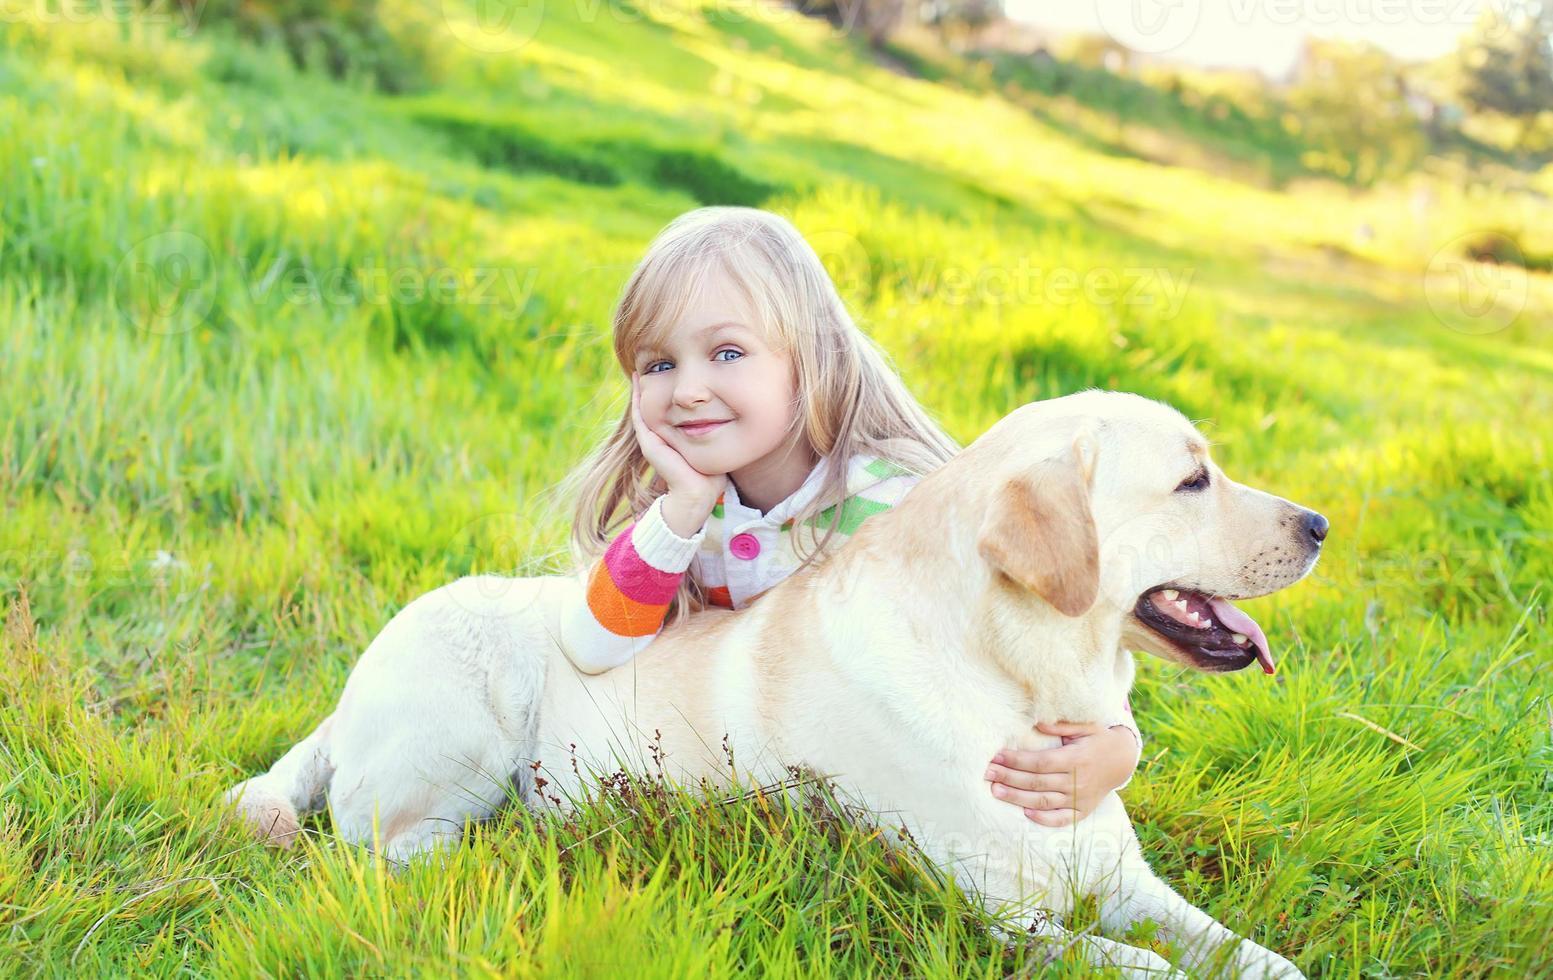 bambino felice e labrador retriever cane sdraiato sull'erba foto